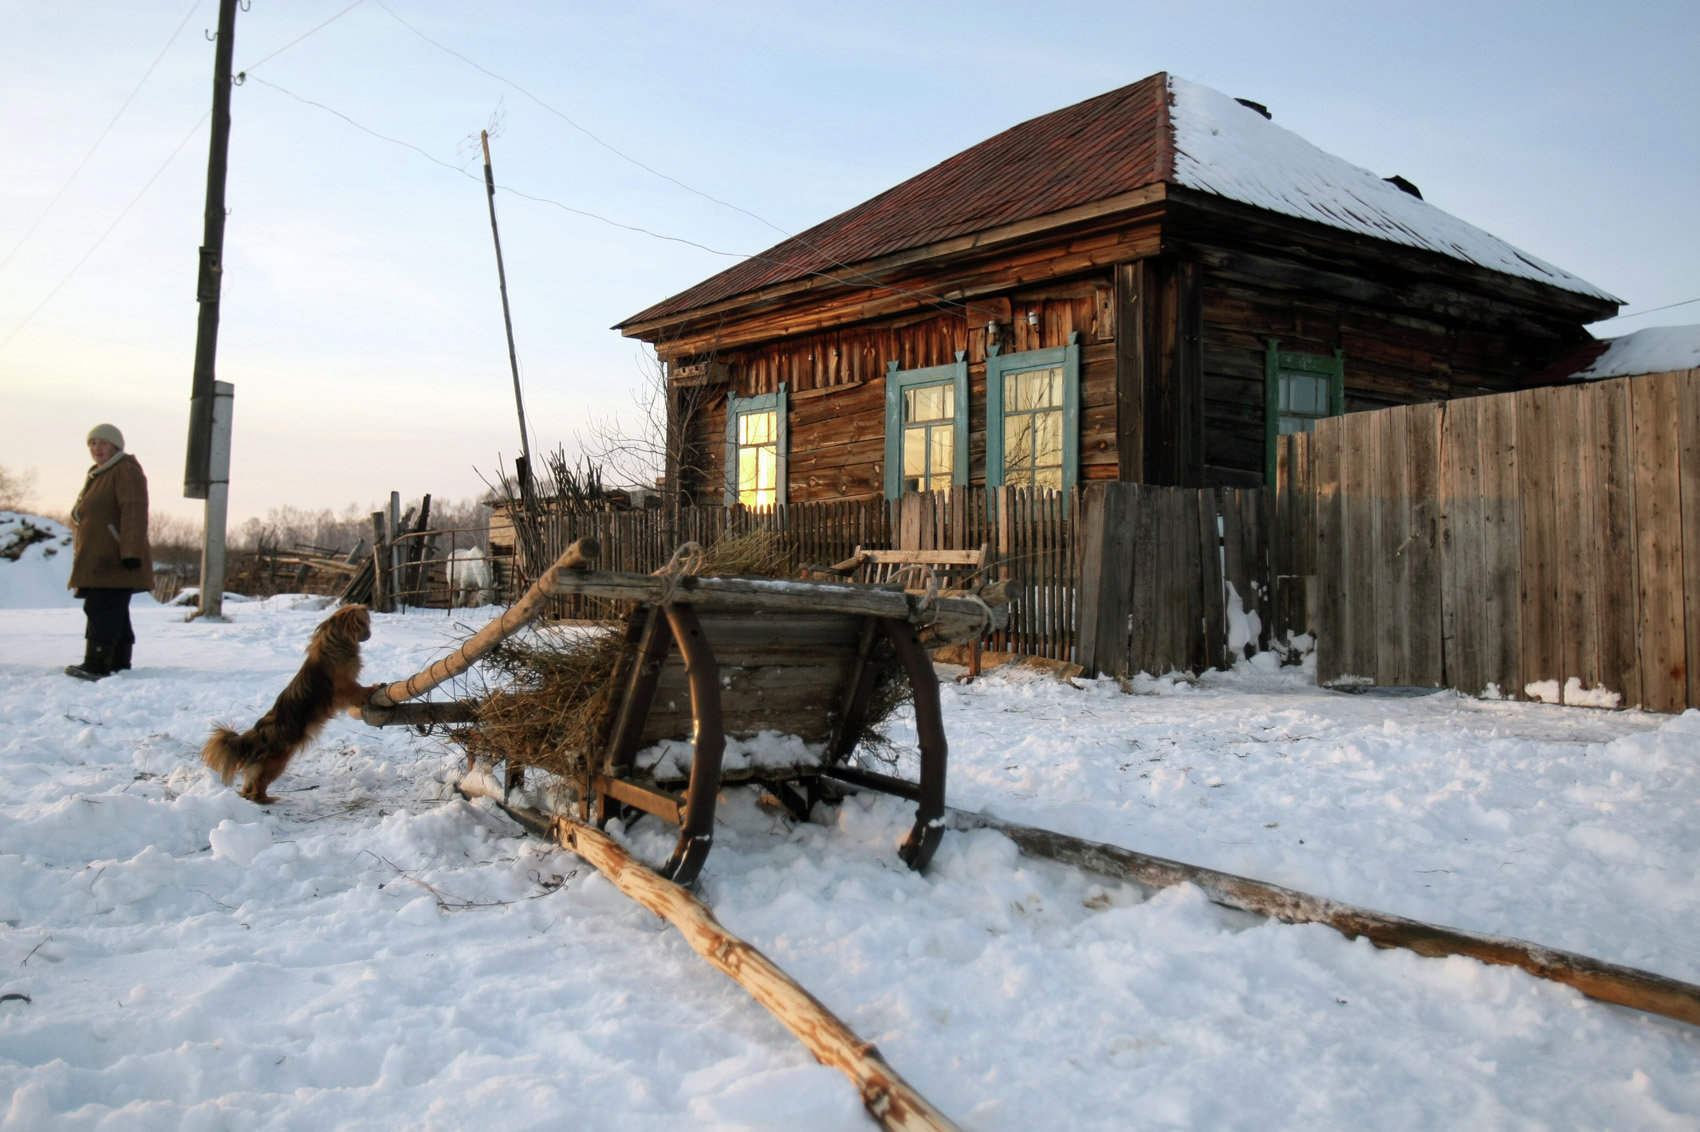 Россия постепенно умирает — это очень печально и тревожно